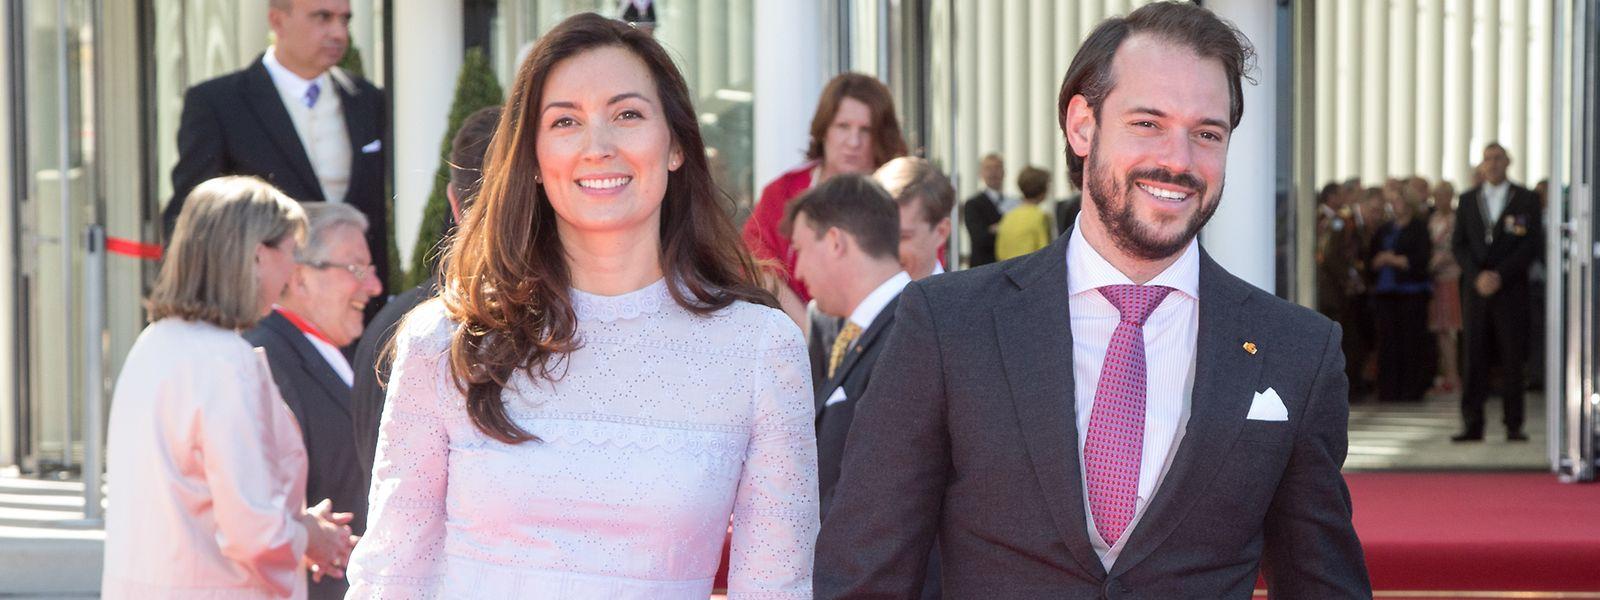 Prinz Félix und Ehefrau Claire während der Feierlichkeiten zum Nationalfeiertag 2018.